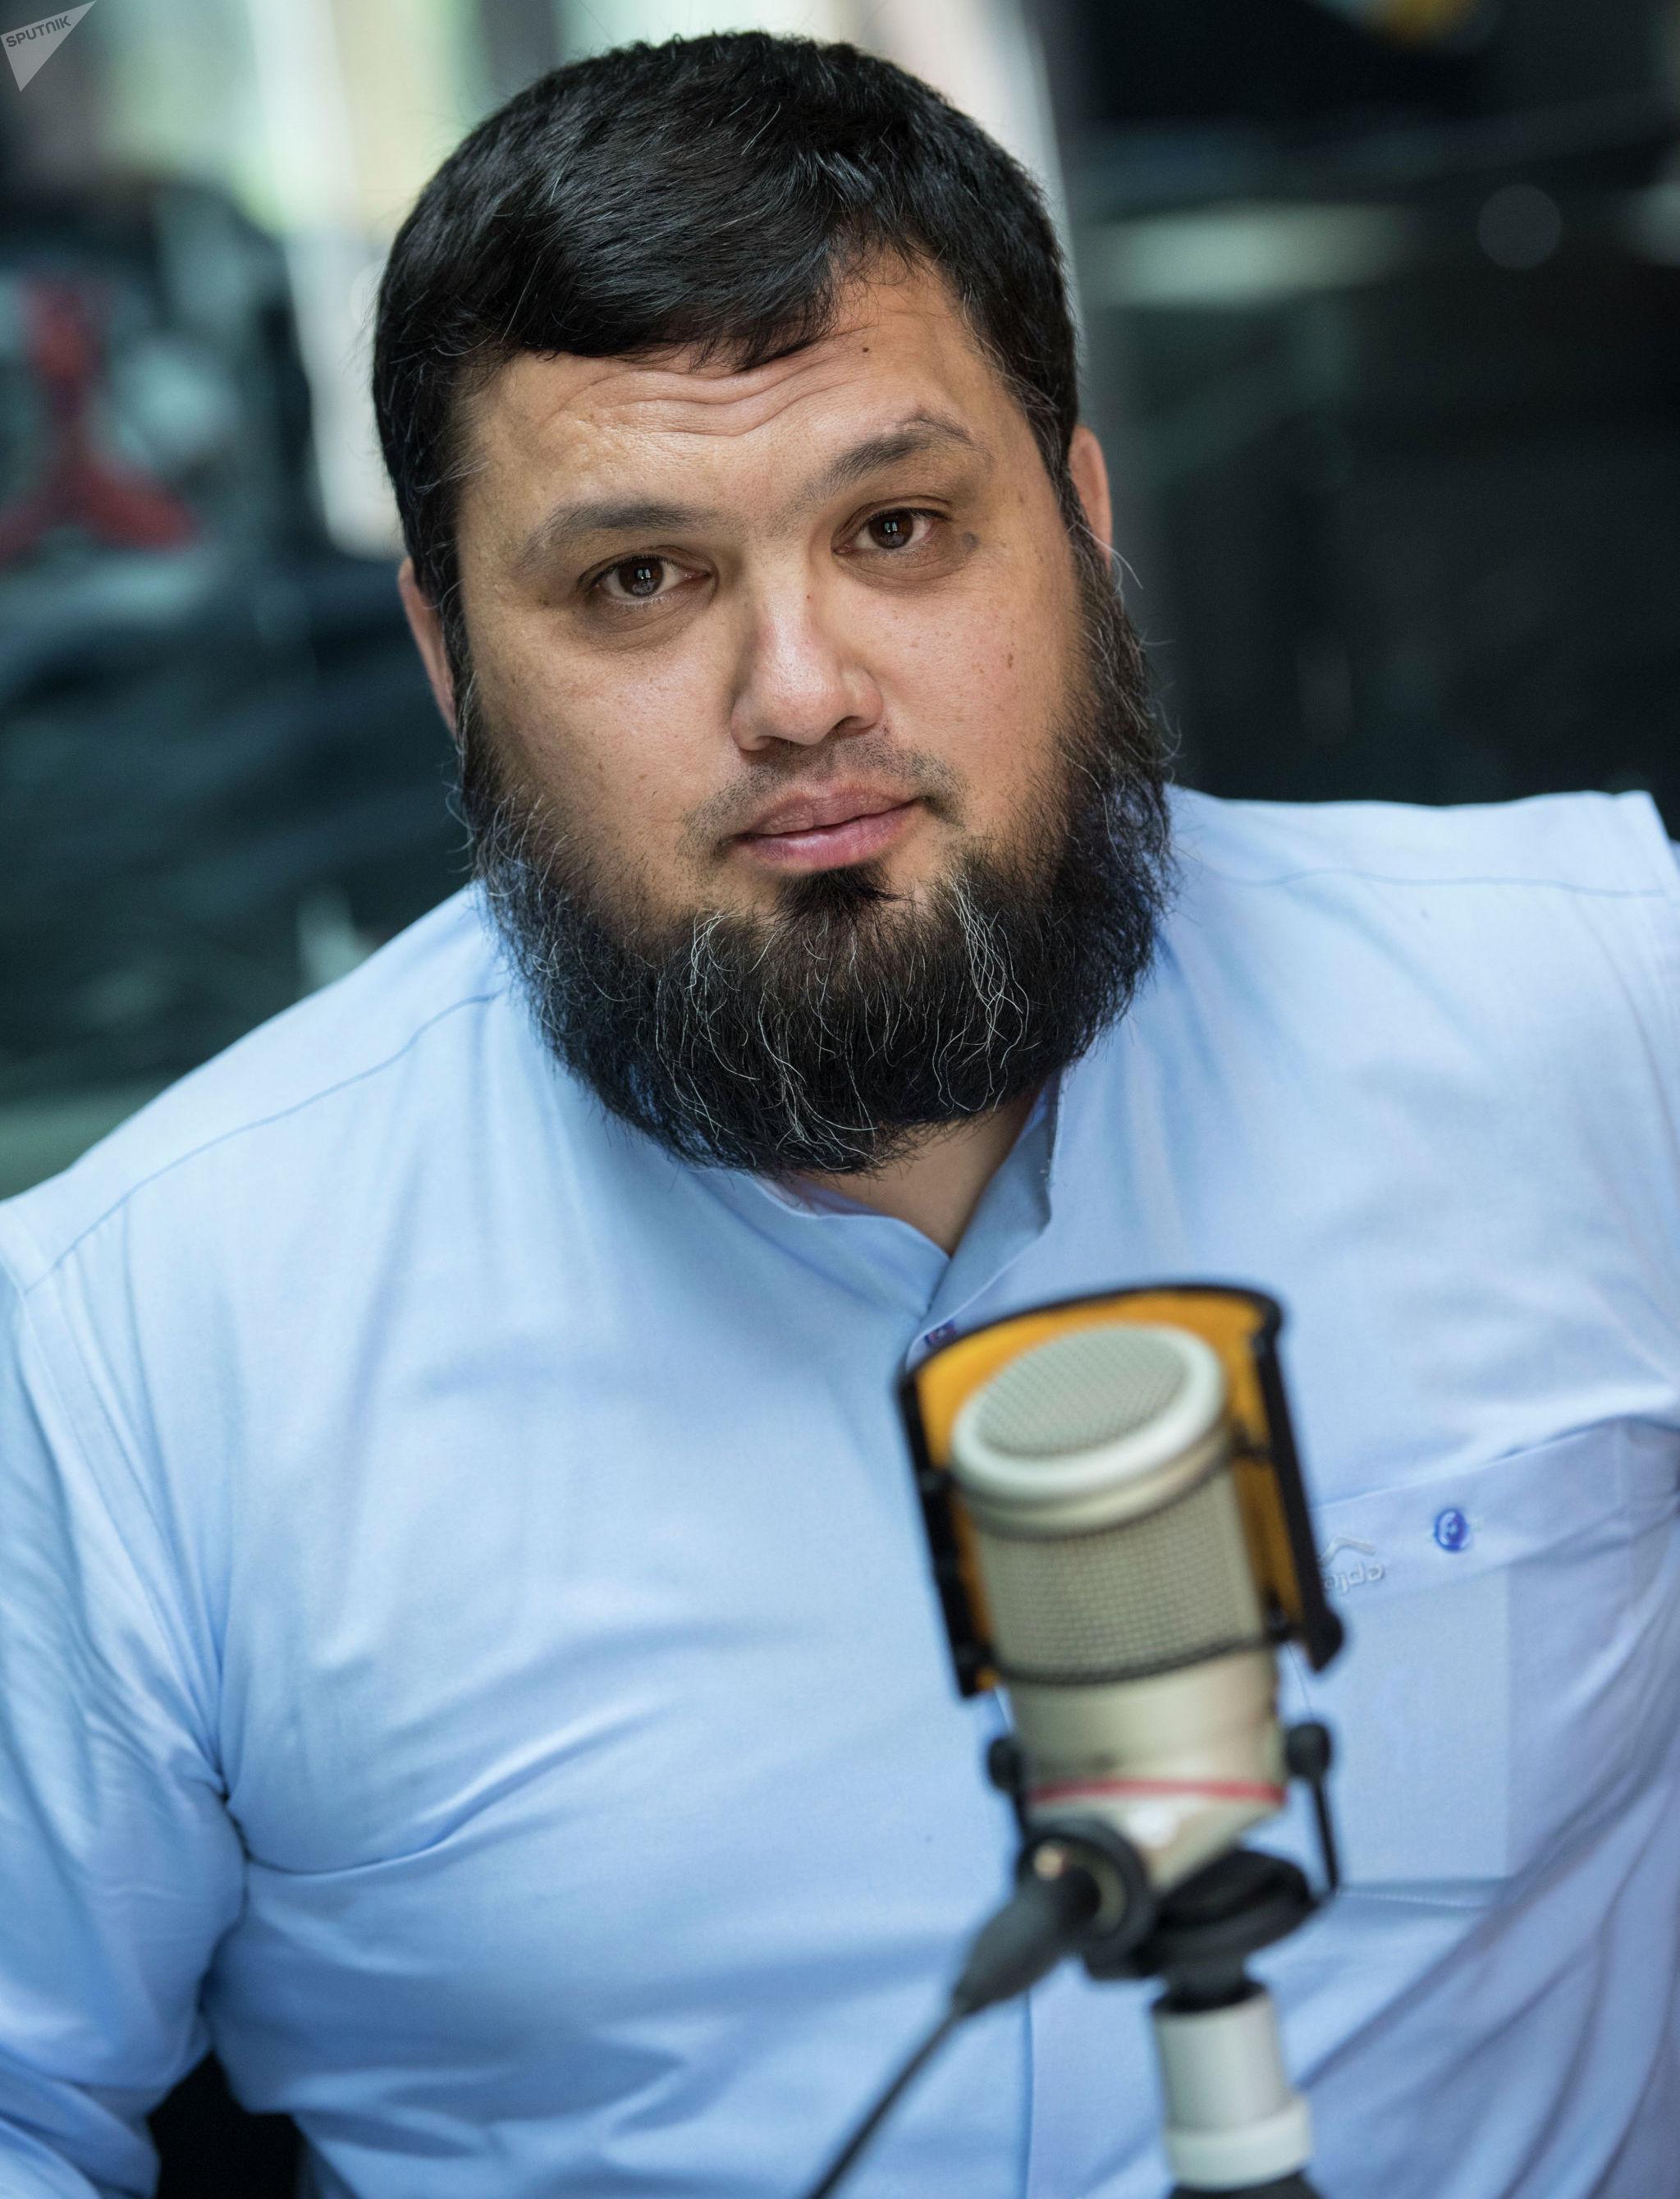 Бизнесмен Азиз Исмагамбетов во время интервью